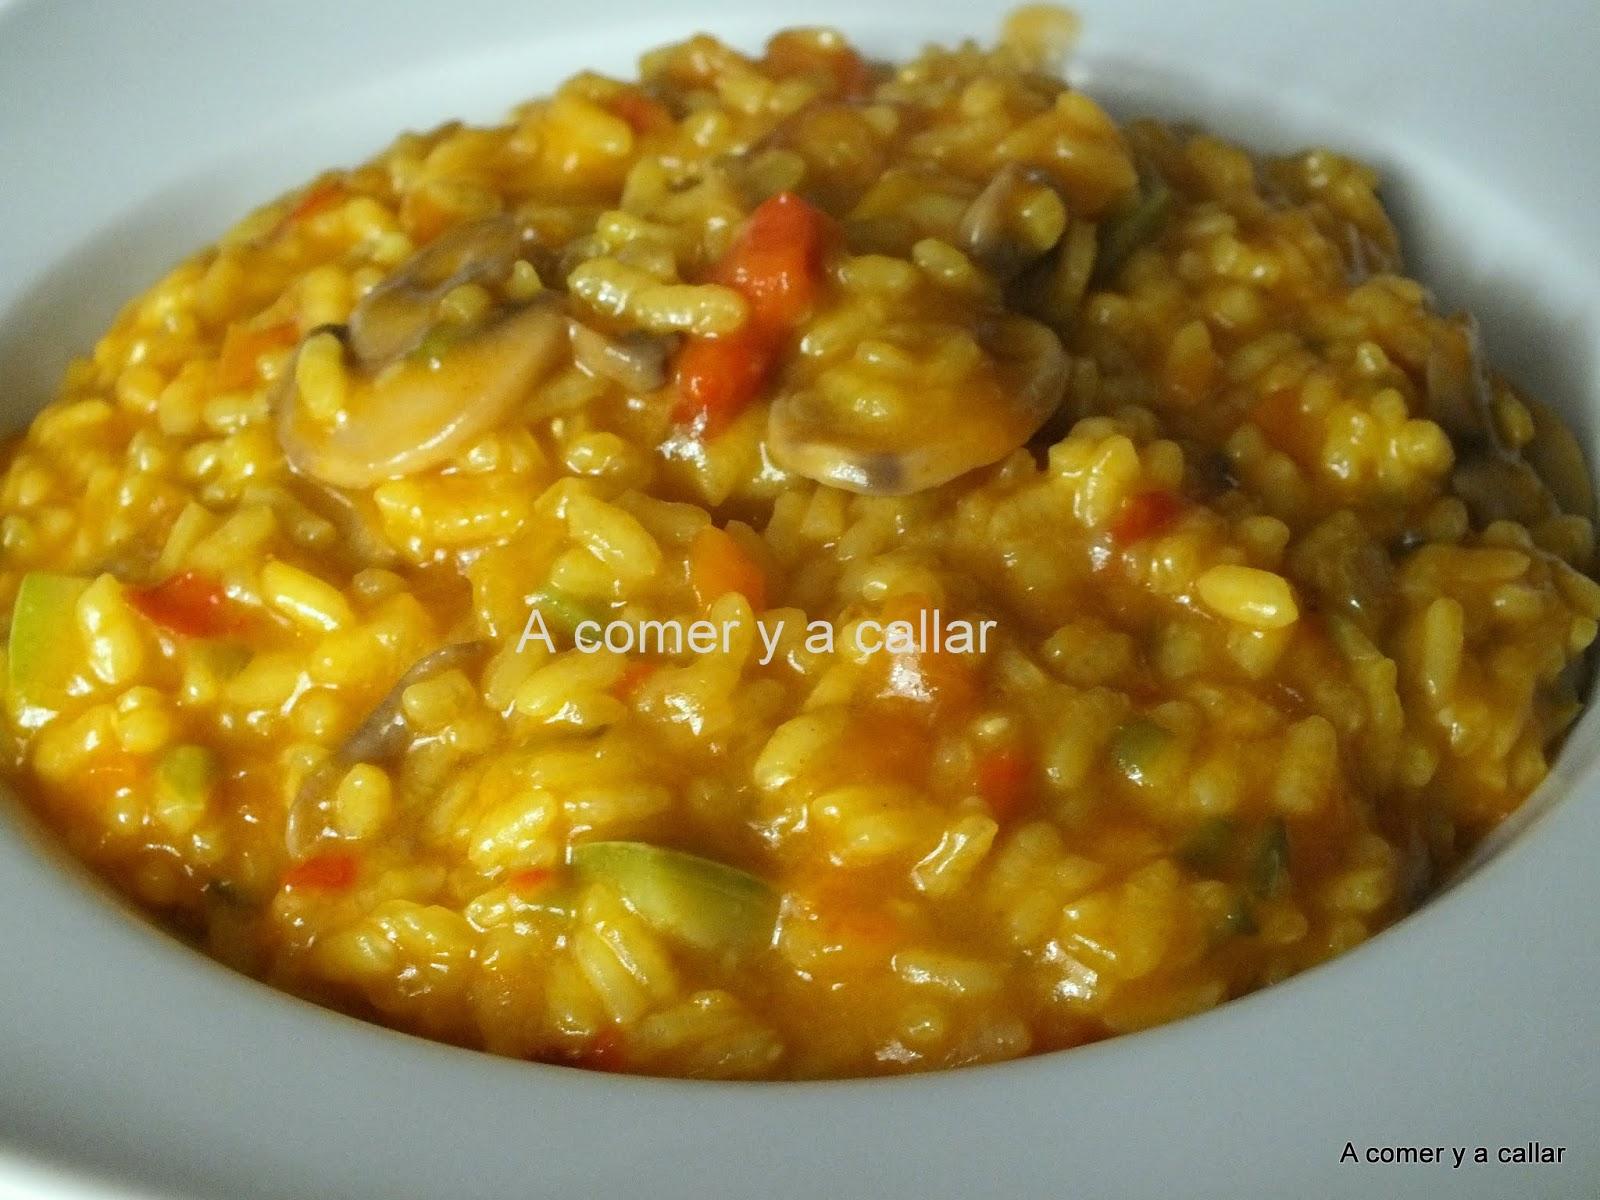 A comer y a callar arroz con verduras con thermomix - Arroz con pescado y verduras ...